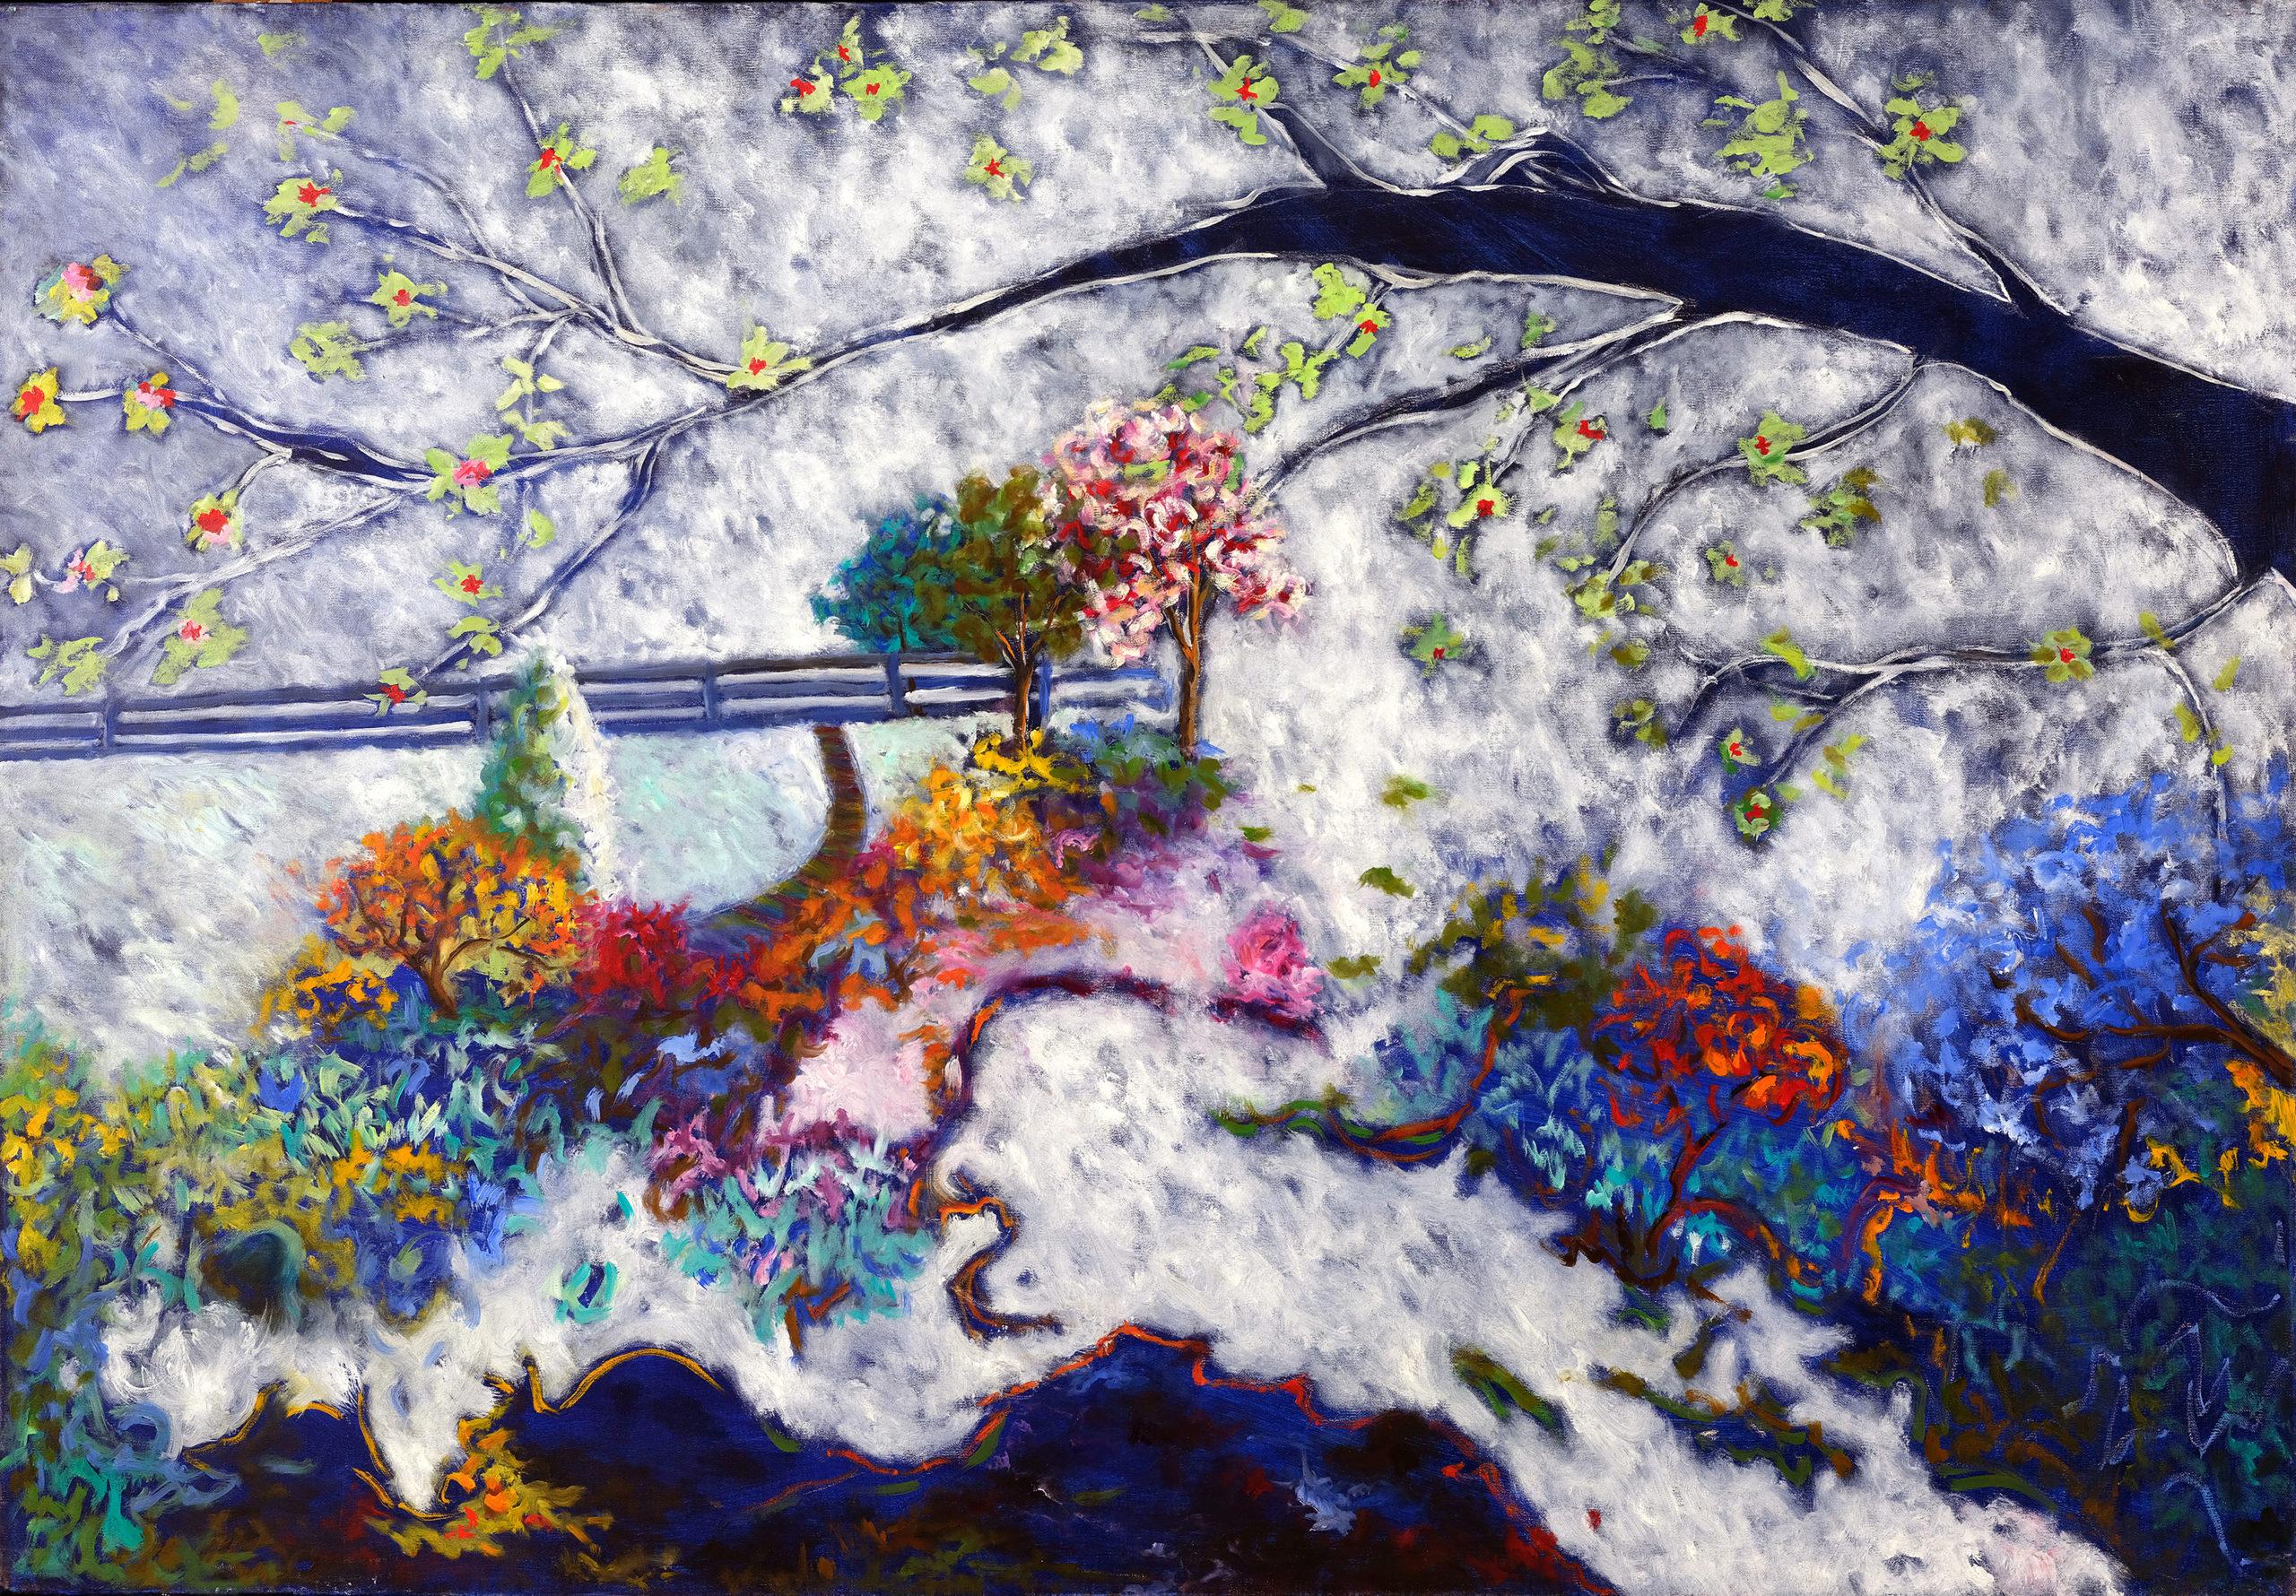 Branche bleue noire, 2000, huile sur toile 116 X 81 cm